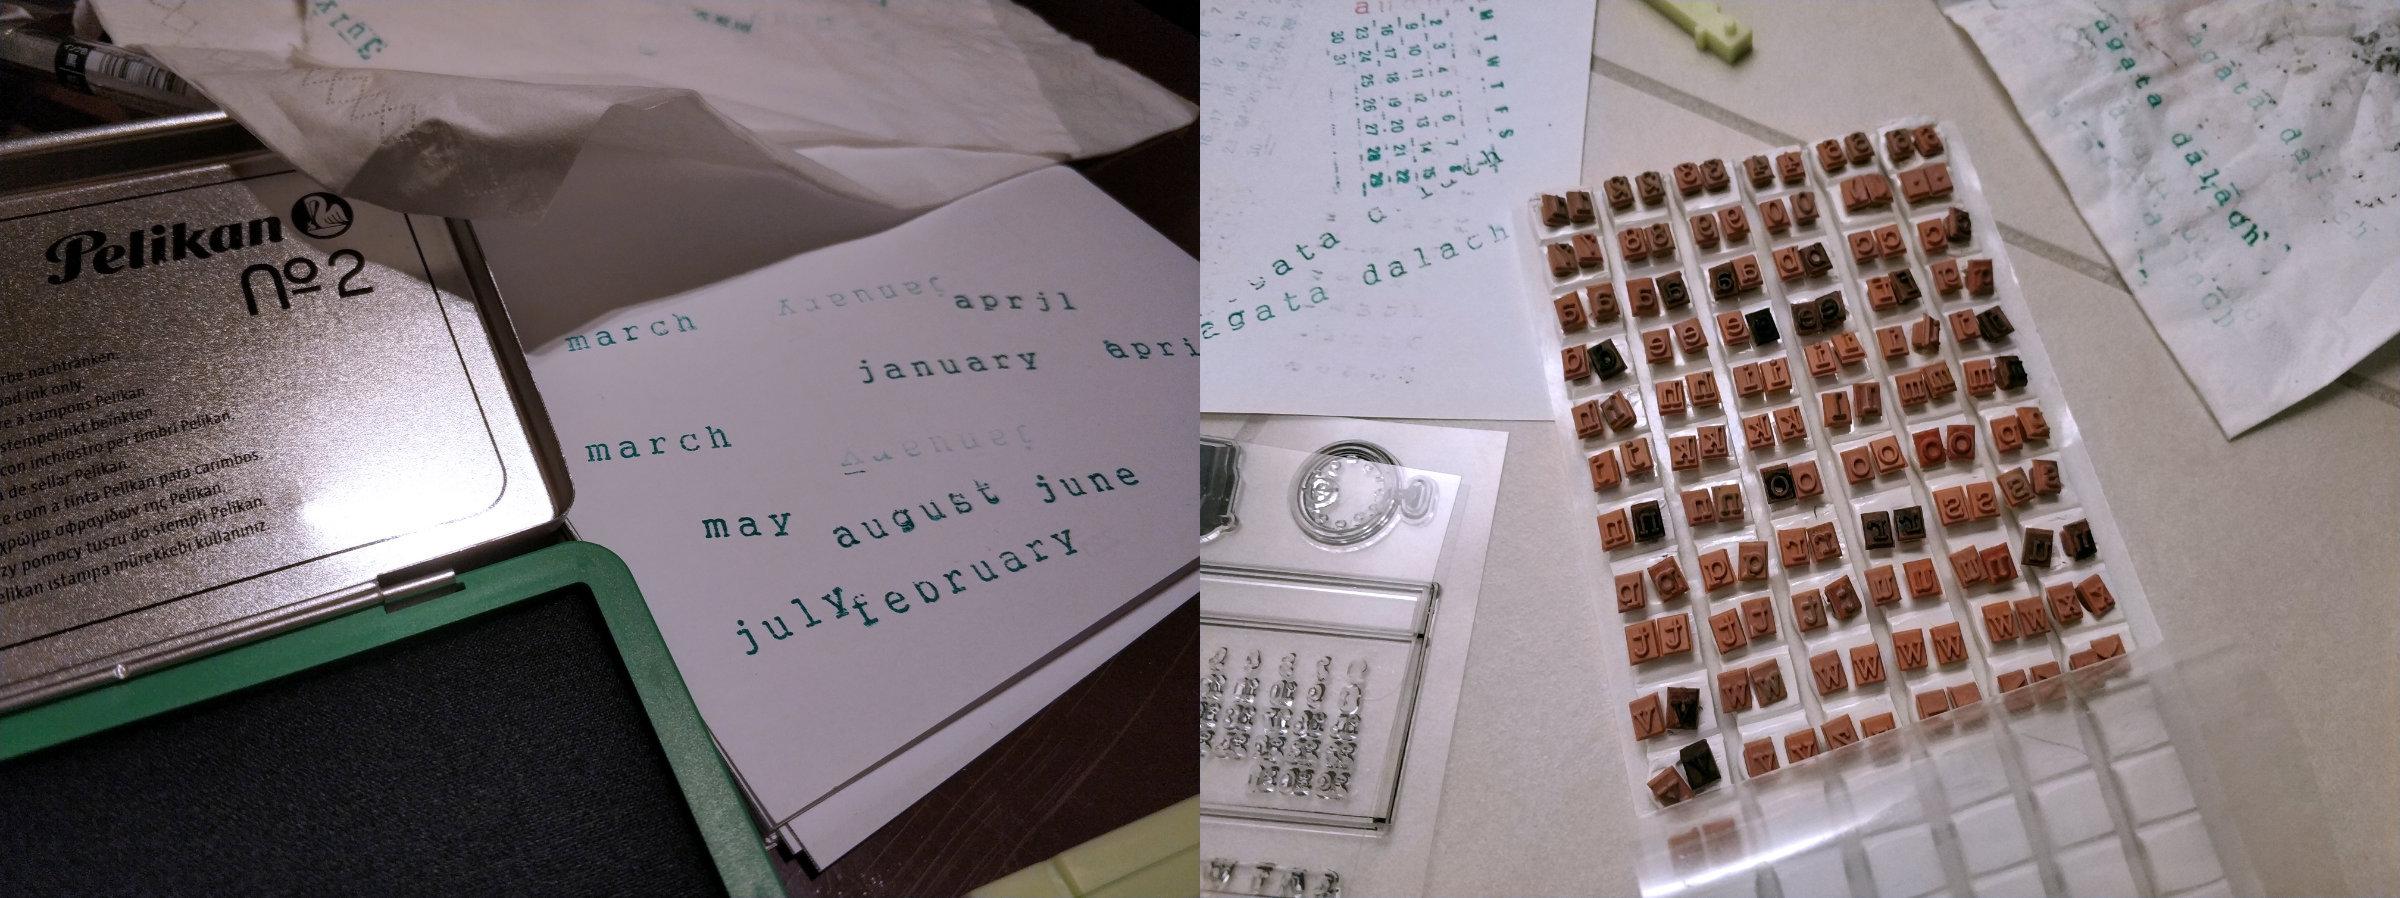 kalendarz wykonany wlasnorecznie